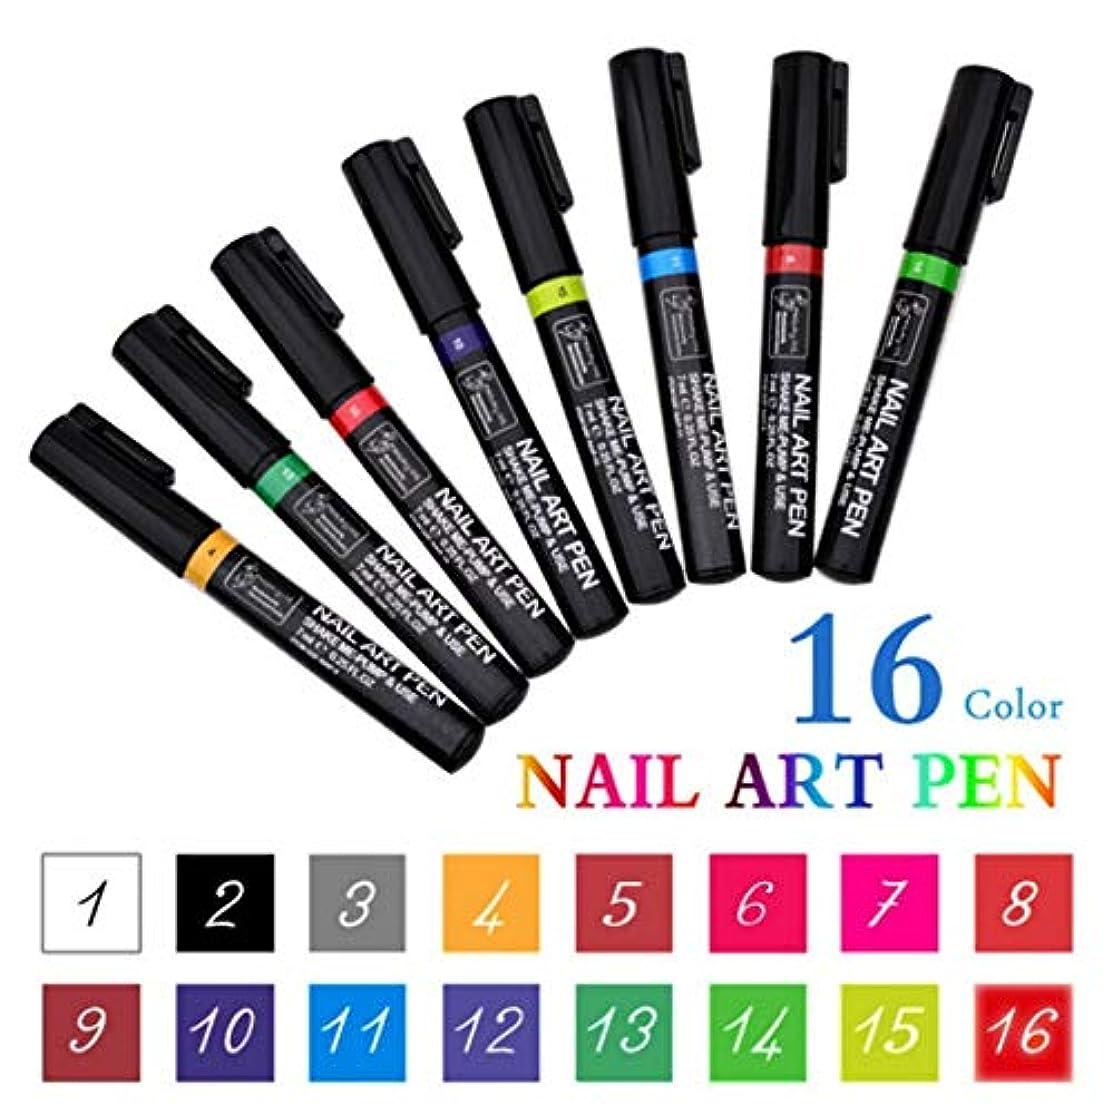 大事にするコミットメント魅力WellieSTR 16色セットネイルアートペン絵画デザインツールデッサンのためのuvジェルポリッシュマニキュア - あなた自身のカスタムネイルアートを作成する